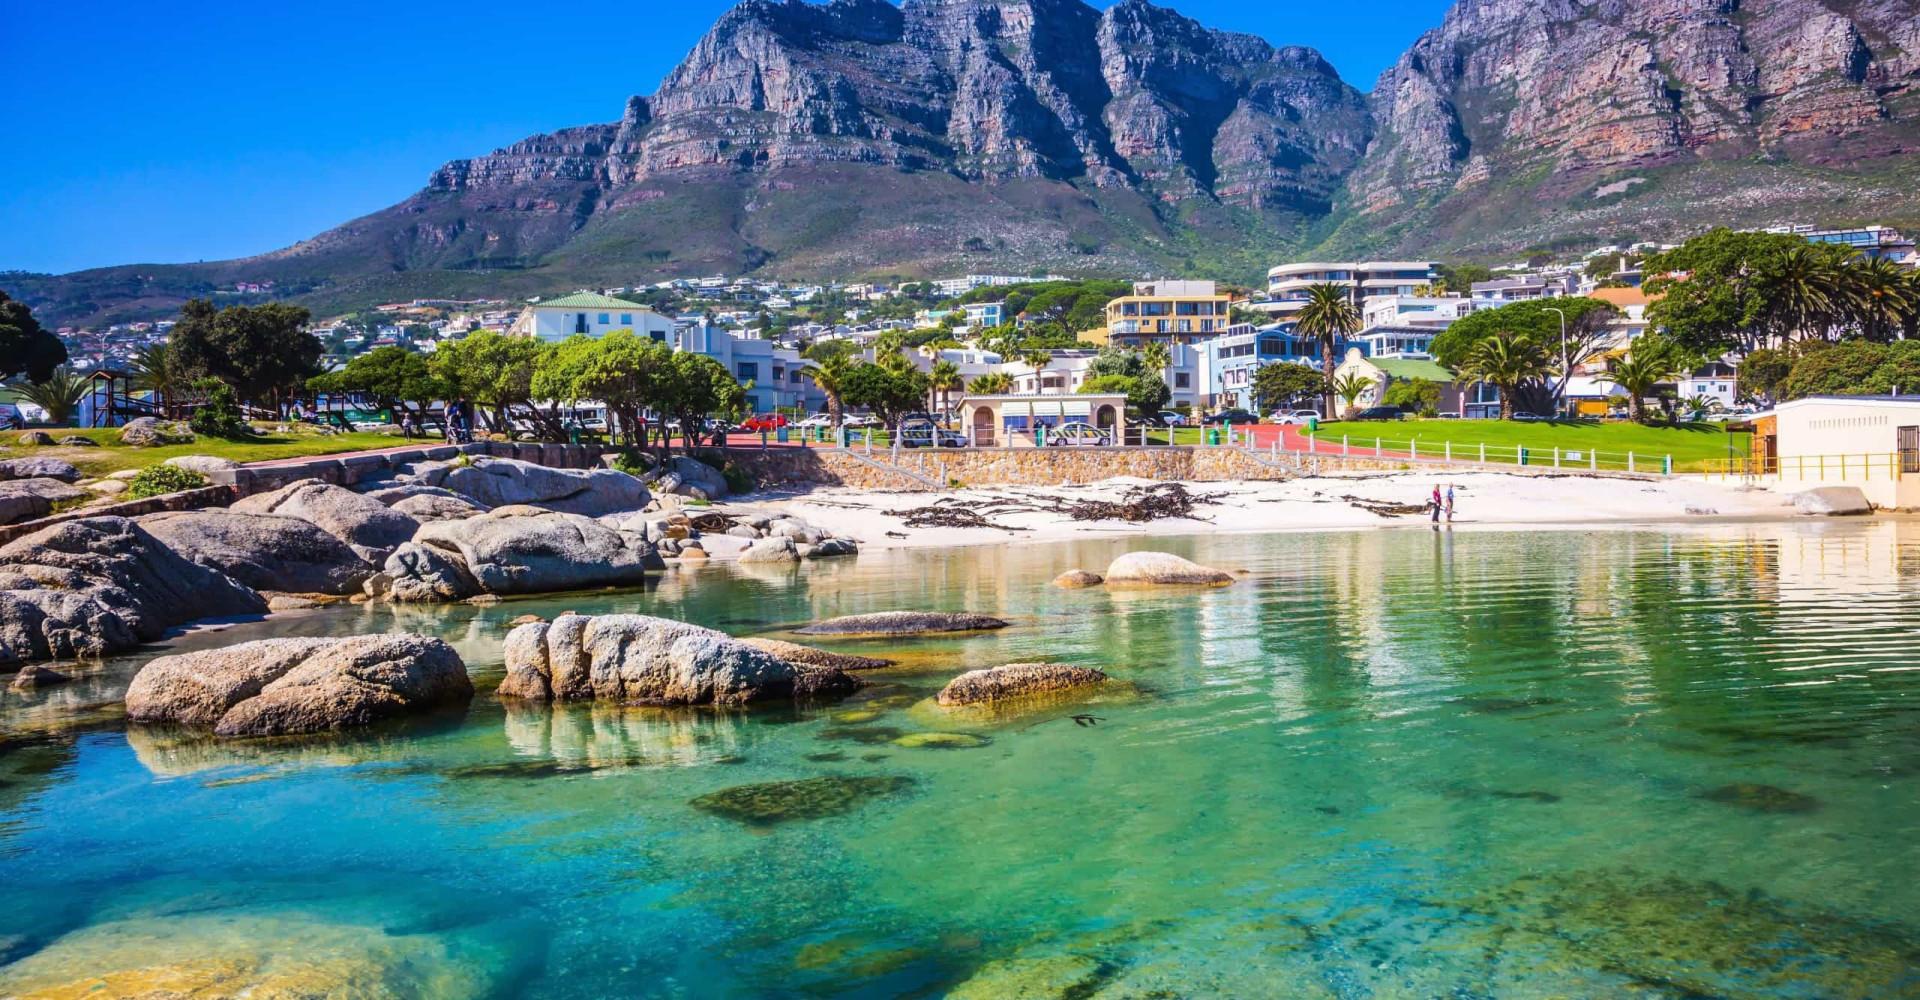 Bons plans: partez à la découverte de l'Afrique du Sud